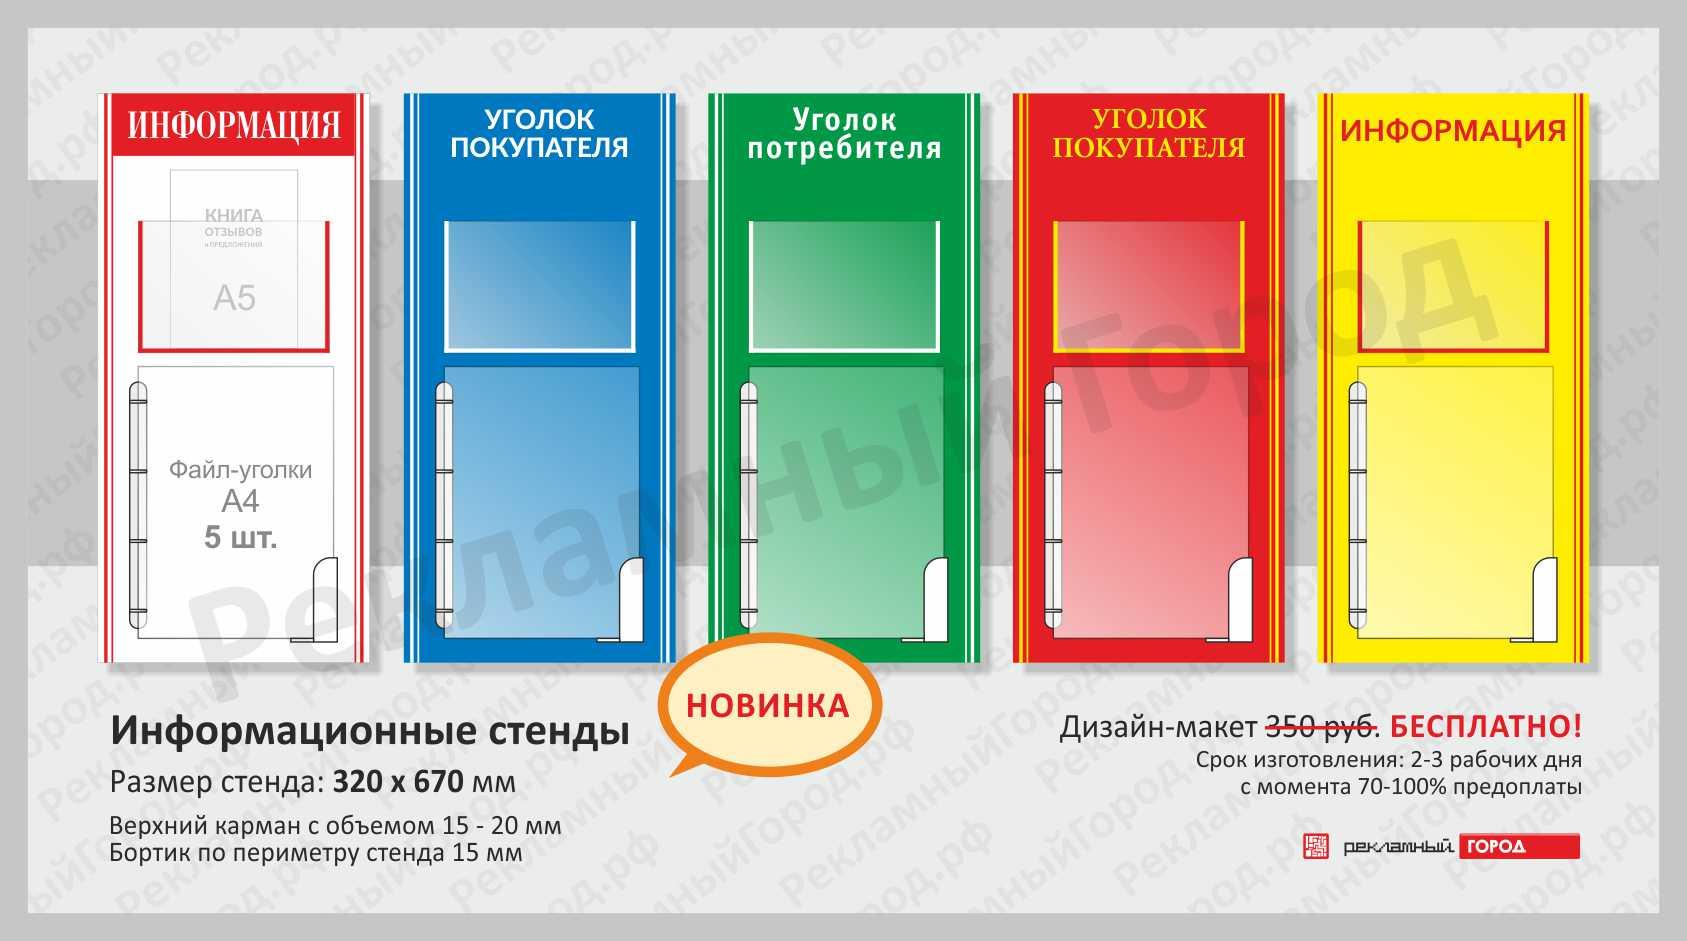 Информационные стенды дизайн